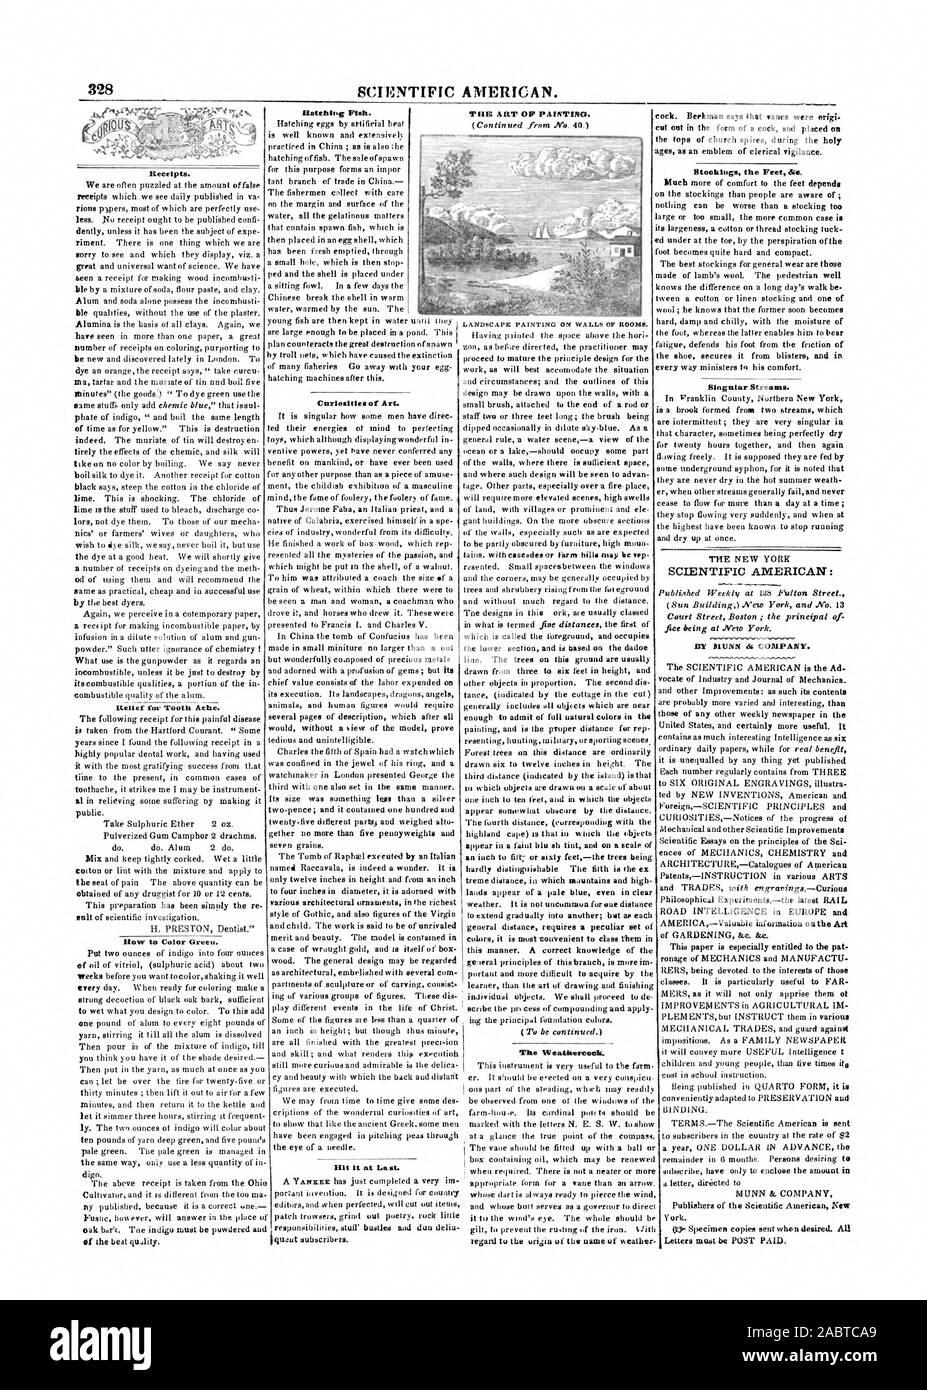 SCIENTIFIC AMERICAN. Les reçus. FurTooth secours Ache. Comment mettre de la couleur verte. Poissons correspondant. Curiosités d'art il träller enfin. La girouette. Flux singulier. SCIENTIFIC AMERICAN: PAR MUNN di COMPANY. New York. L'OP'ART DE LA PEINTURE. Bas les pieds &., 1847-07-03 Banque D'Images